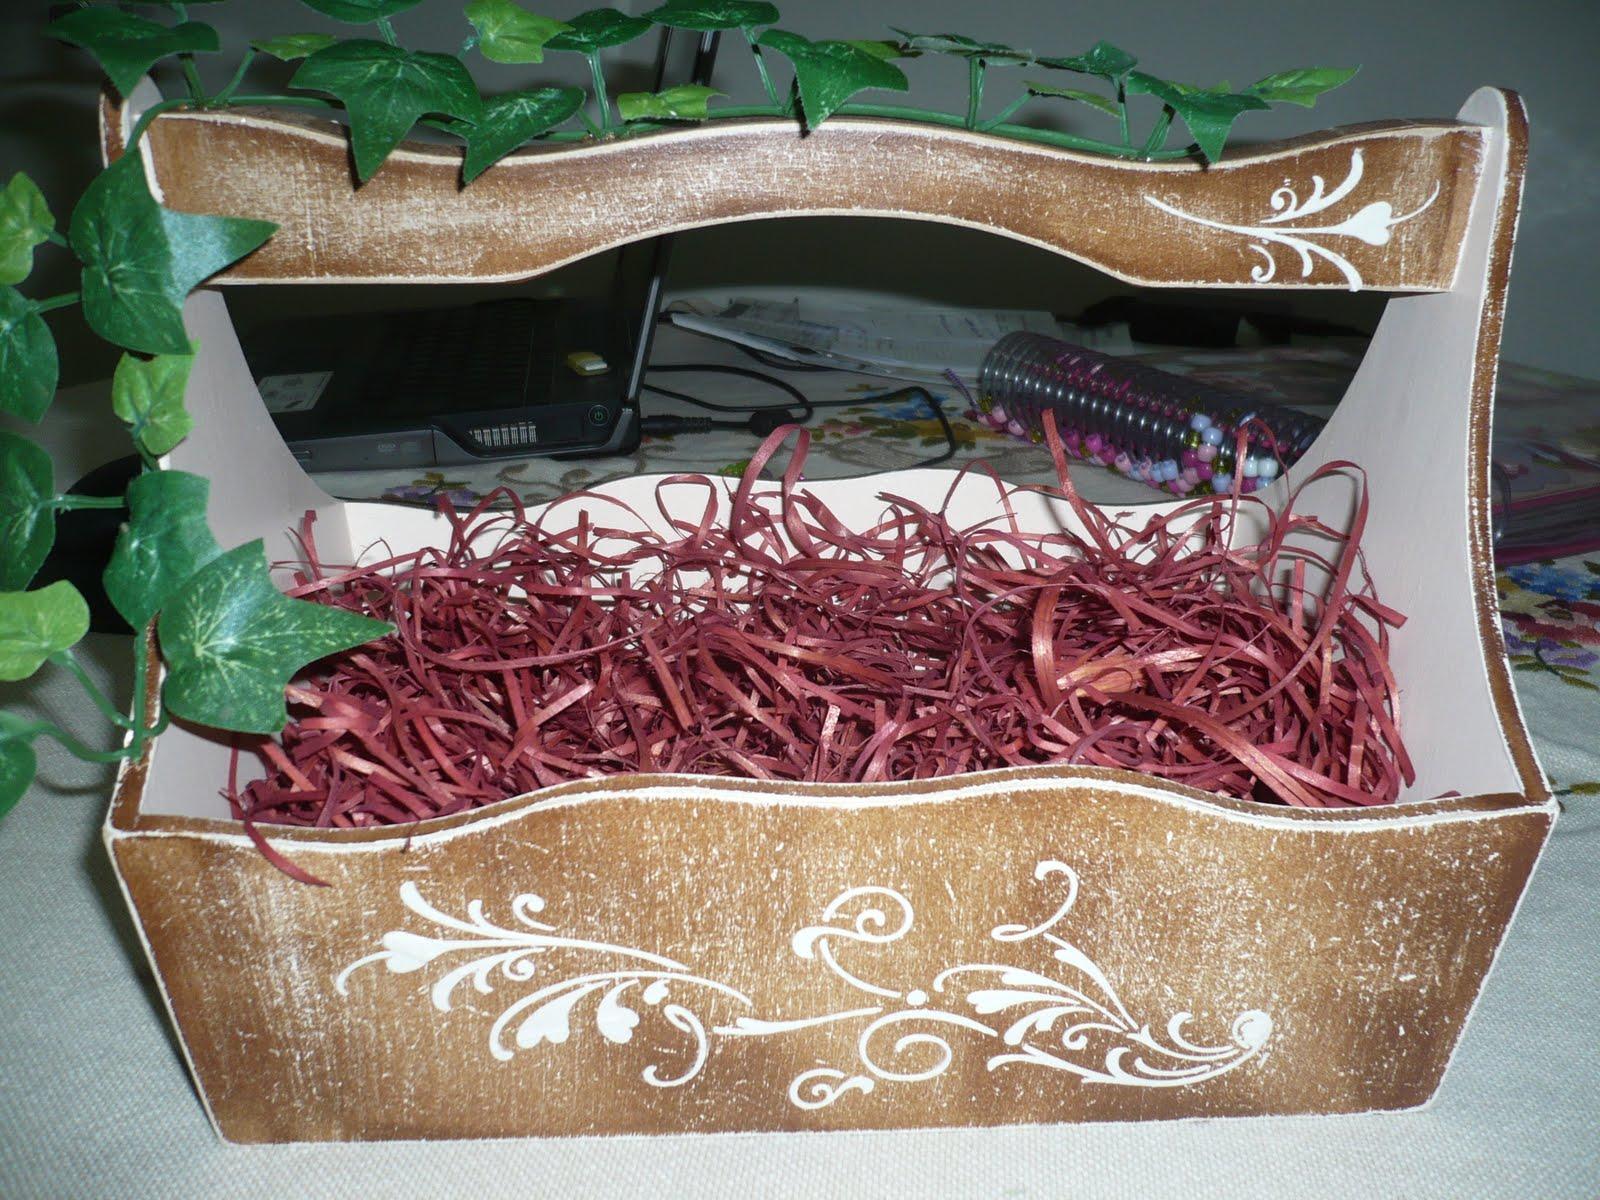 Cesta nas dimensões 35x20x8 Valor R$ 25,00 (somente cesta decorada)